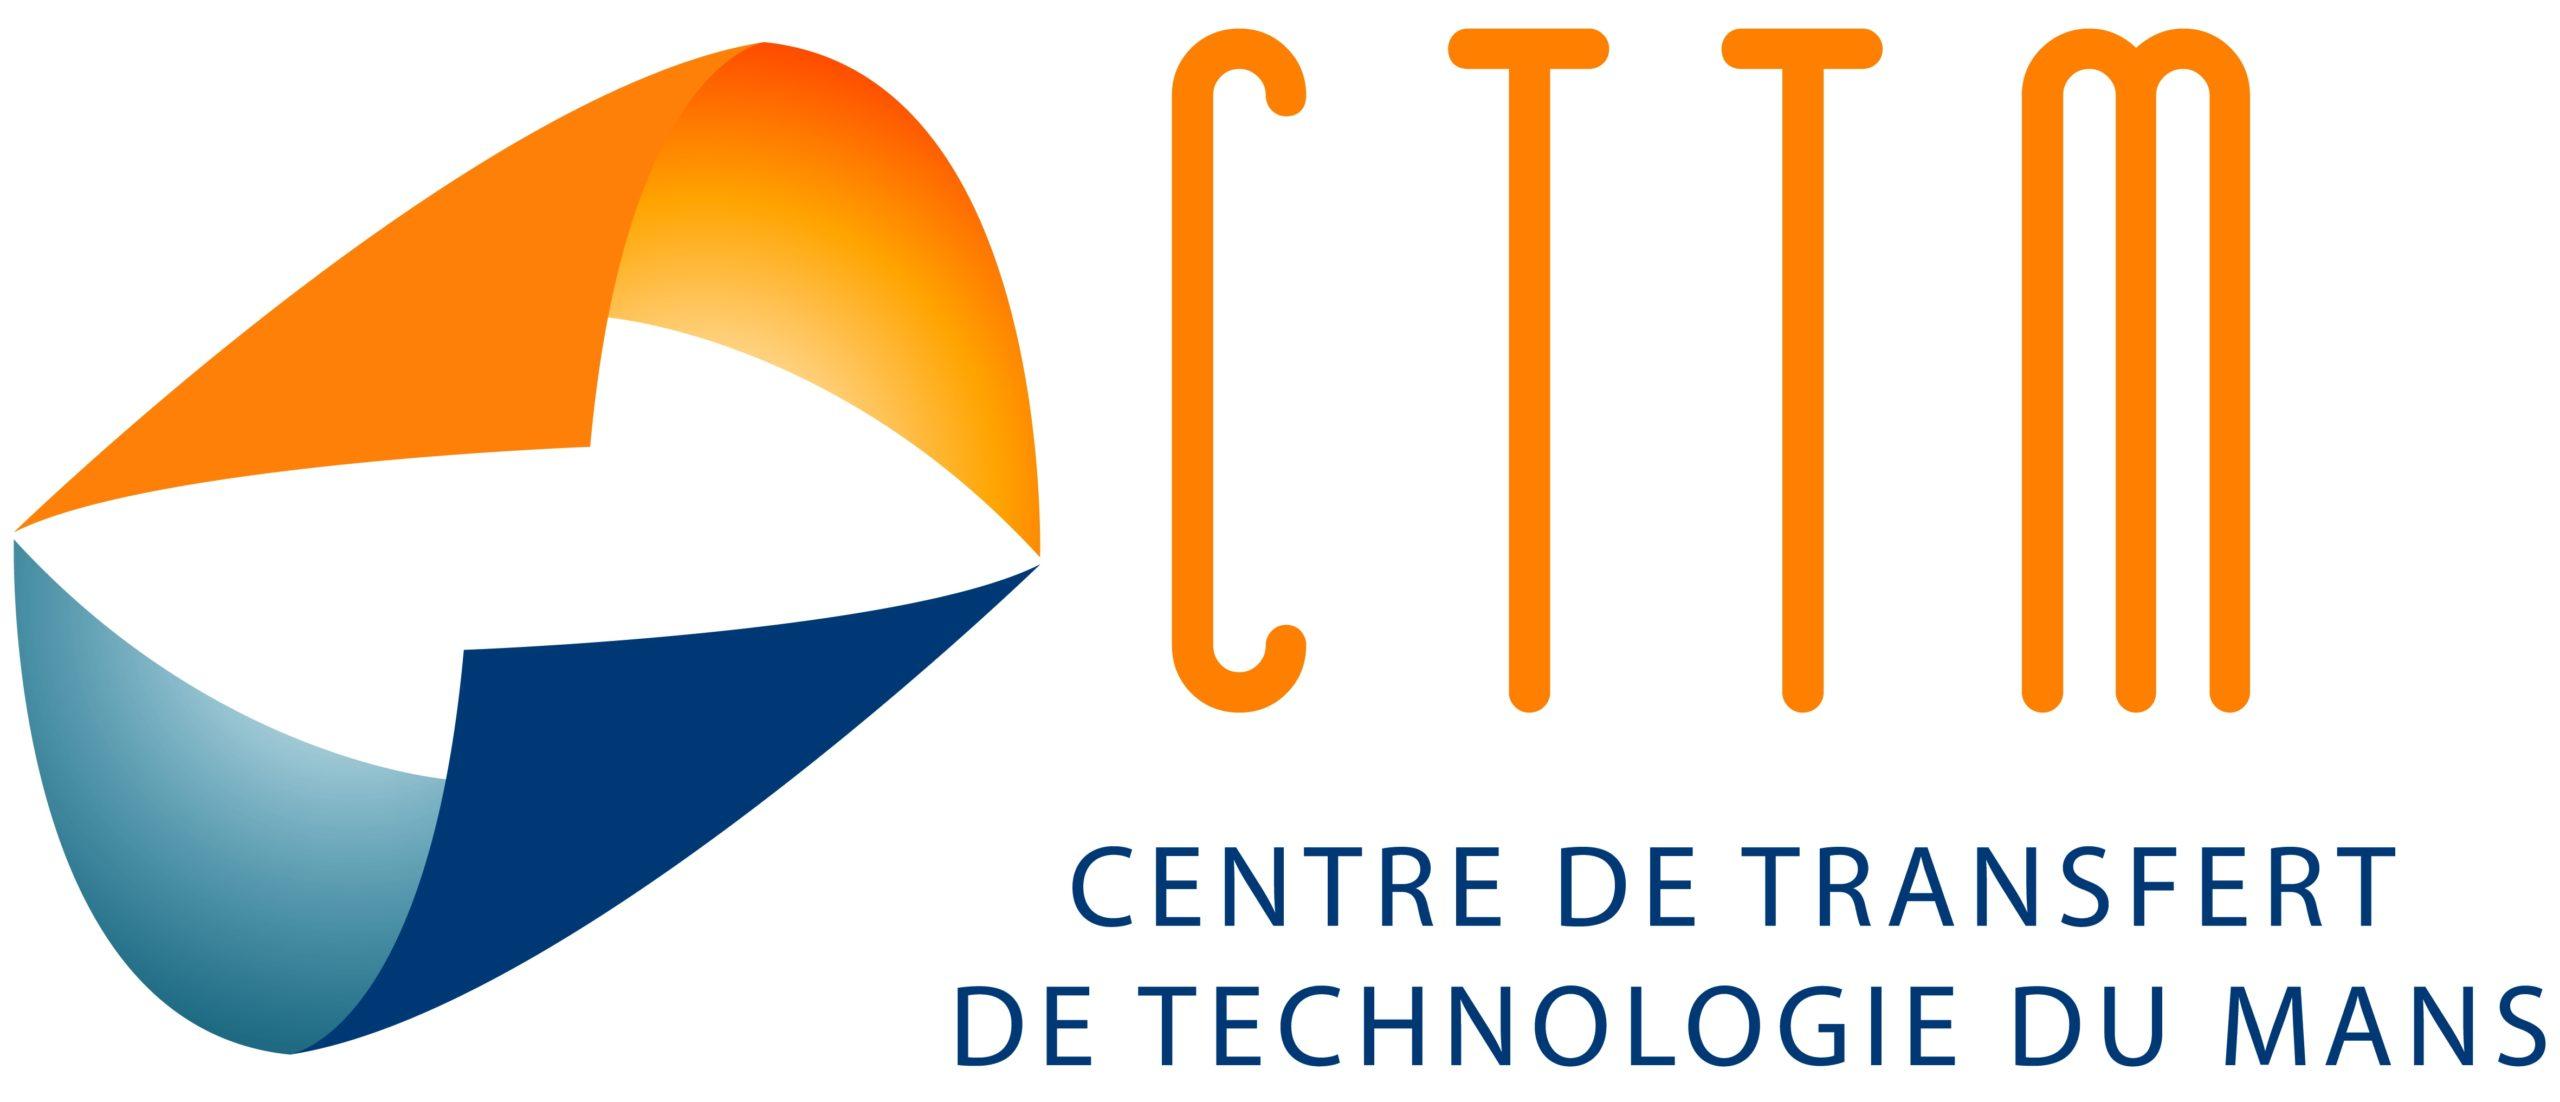 Logotype de Centre de transfert de technologie du Mans (CTTM)